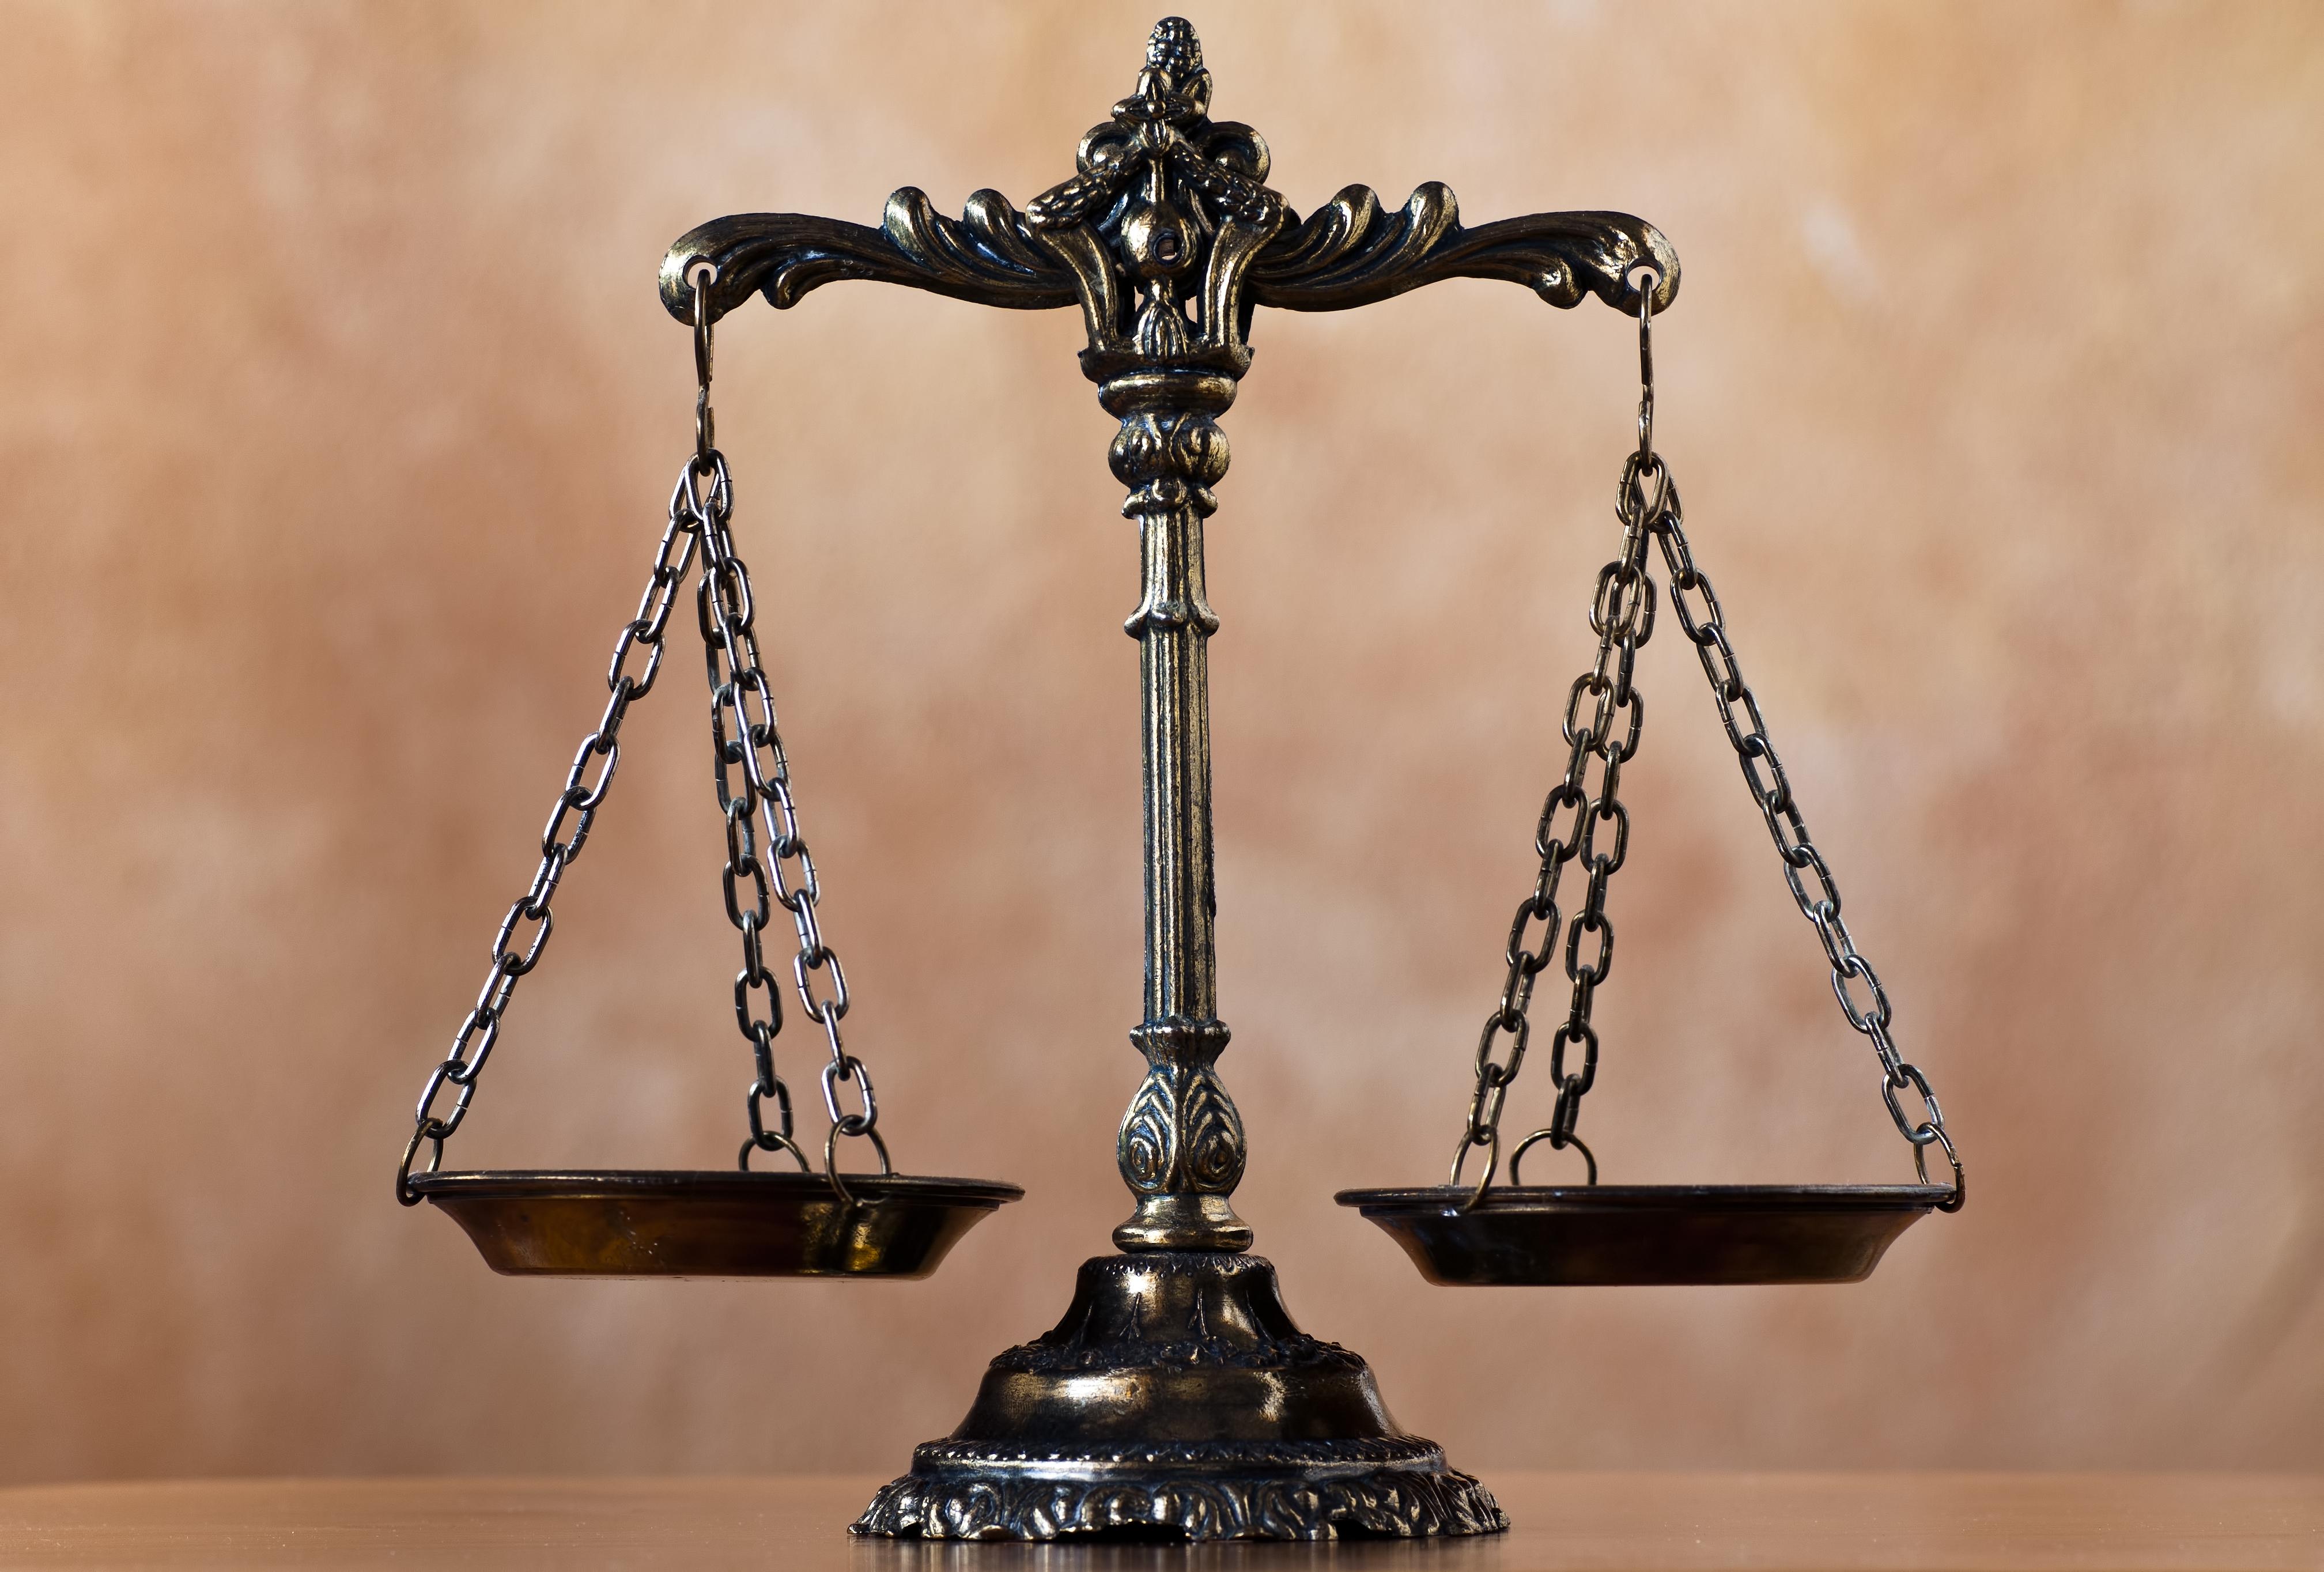 Scales of Justice Wallpaper - WallpaperSafari